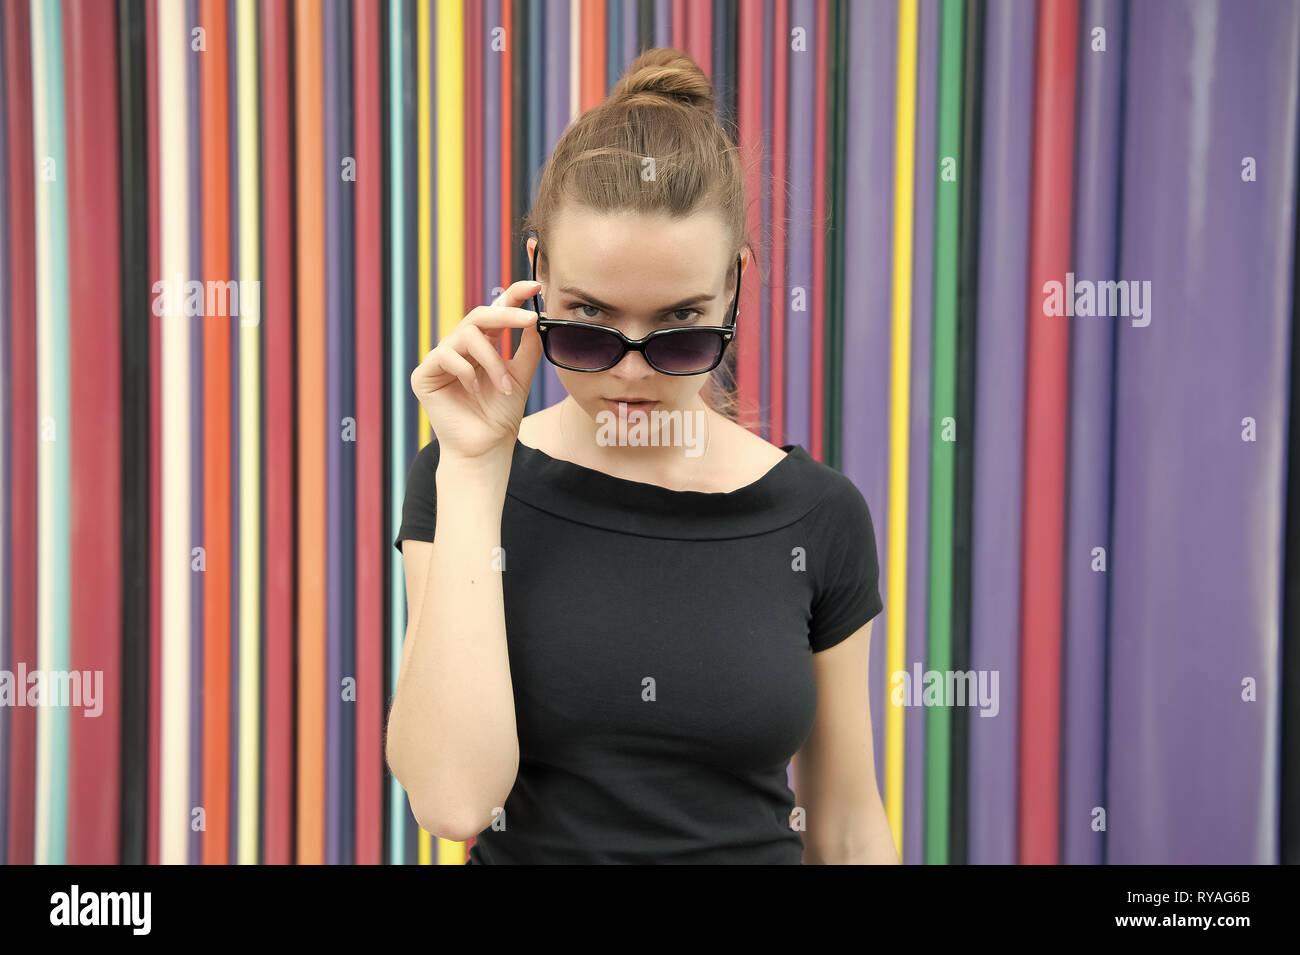 Concepto de estilo urbano de moda. Señora misterioso rostro sacando de anteojos negros en frente de la pared multicolor rayas en París. Mujer elegante apariencia Imagen De Stock